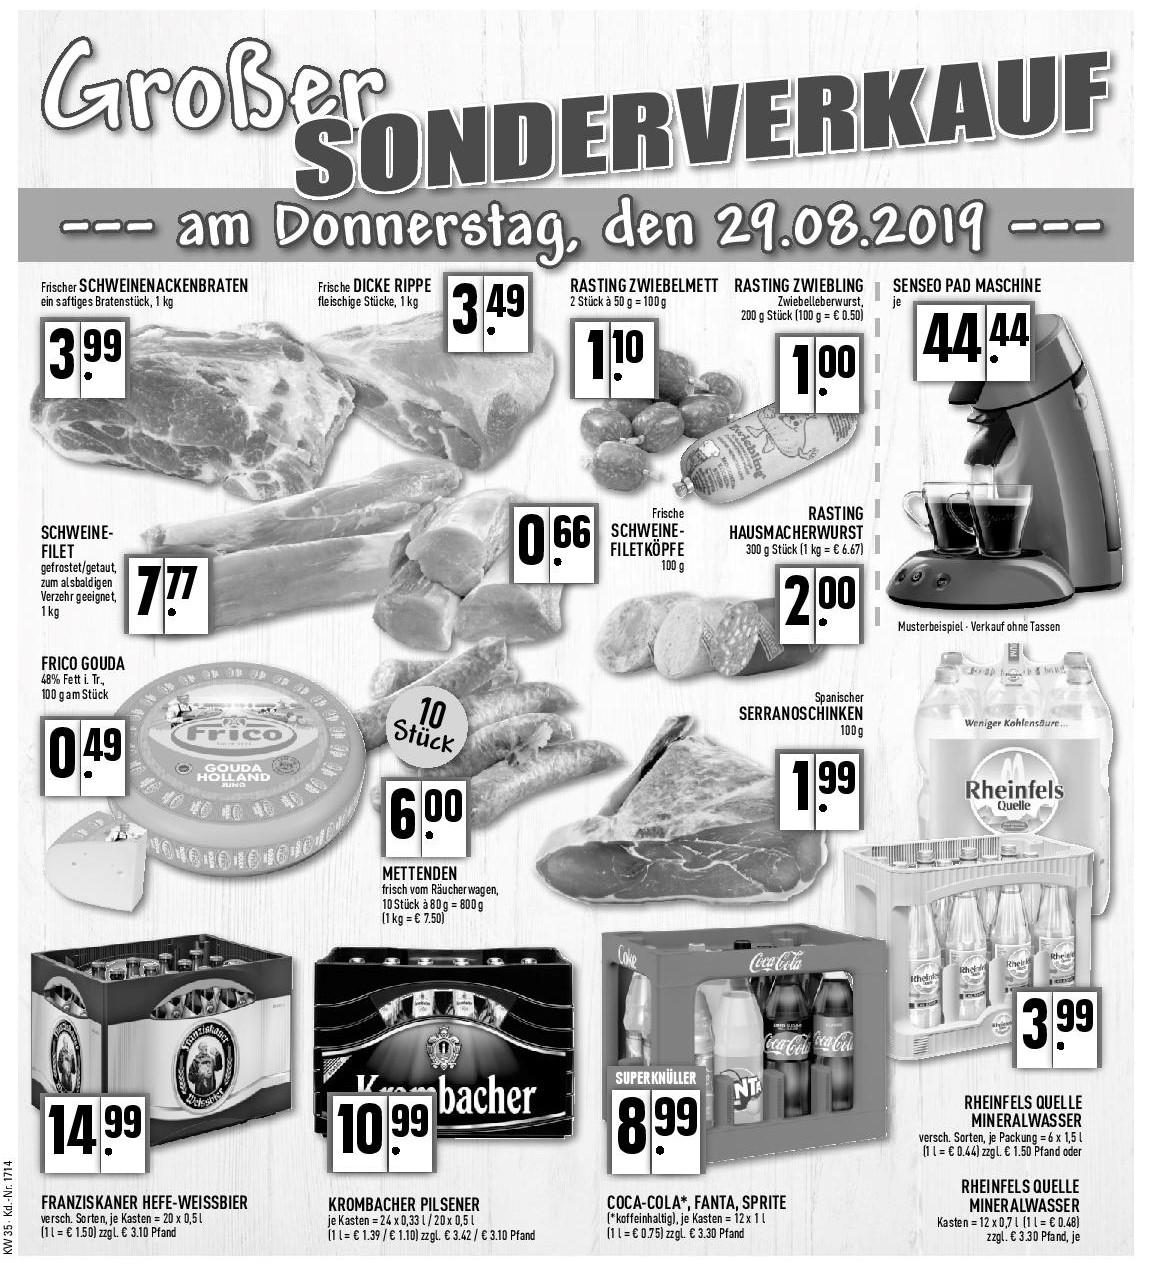 Großer Sonderverkauf am Donnerstag, 29.08.2019